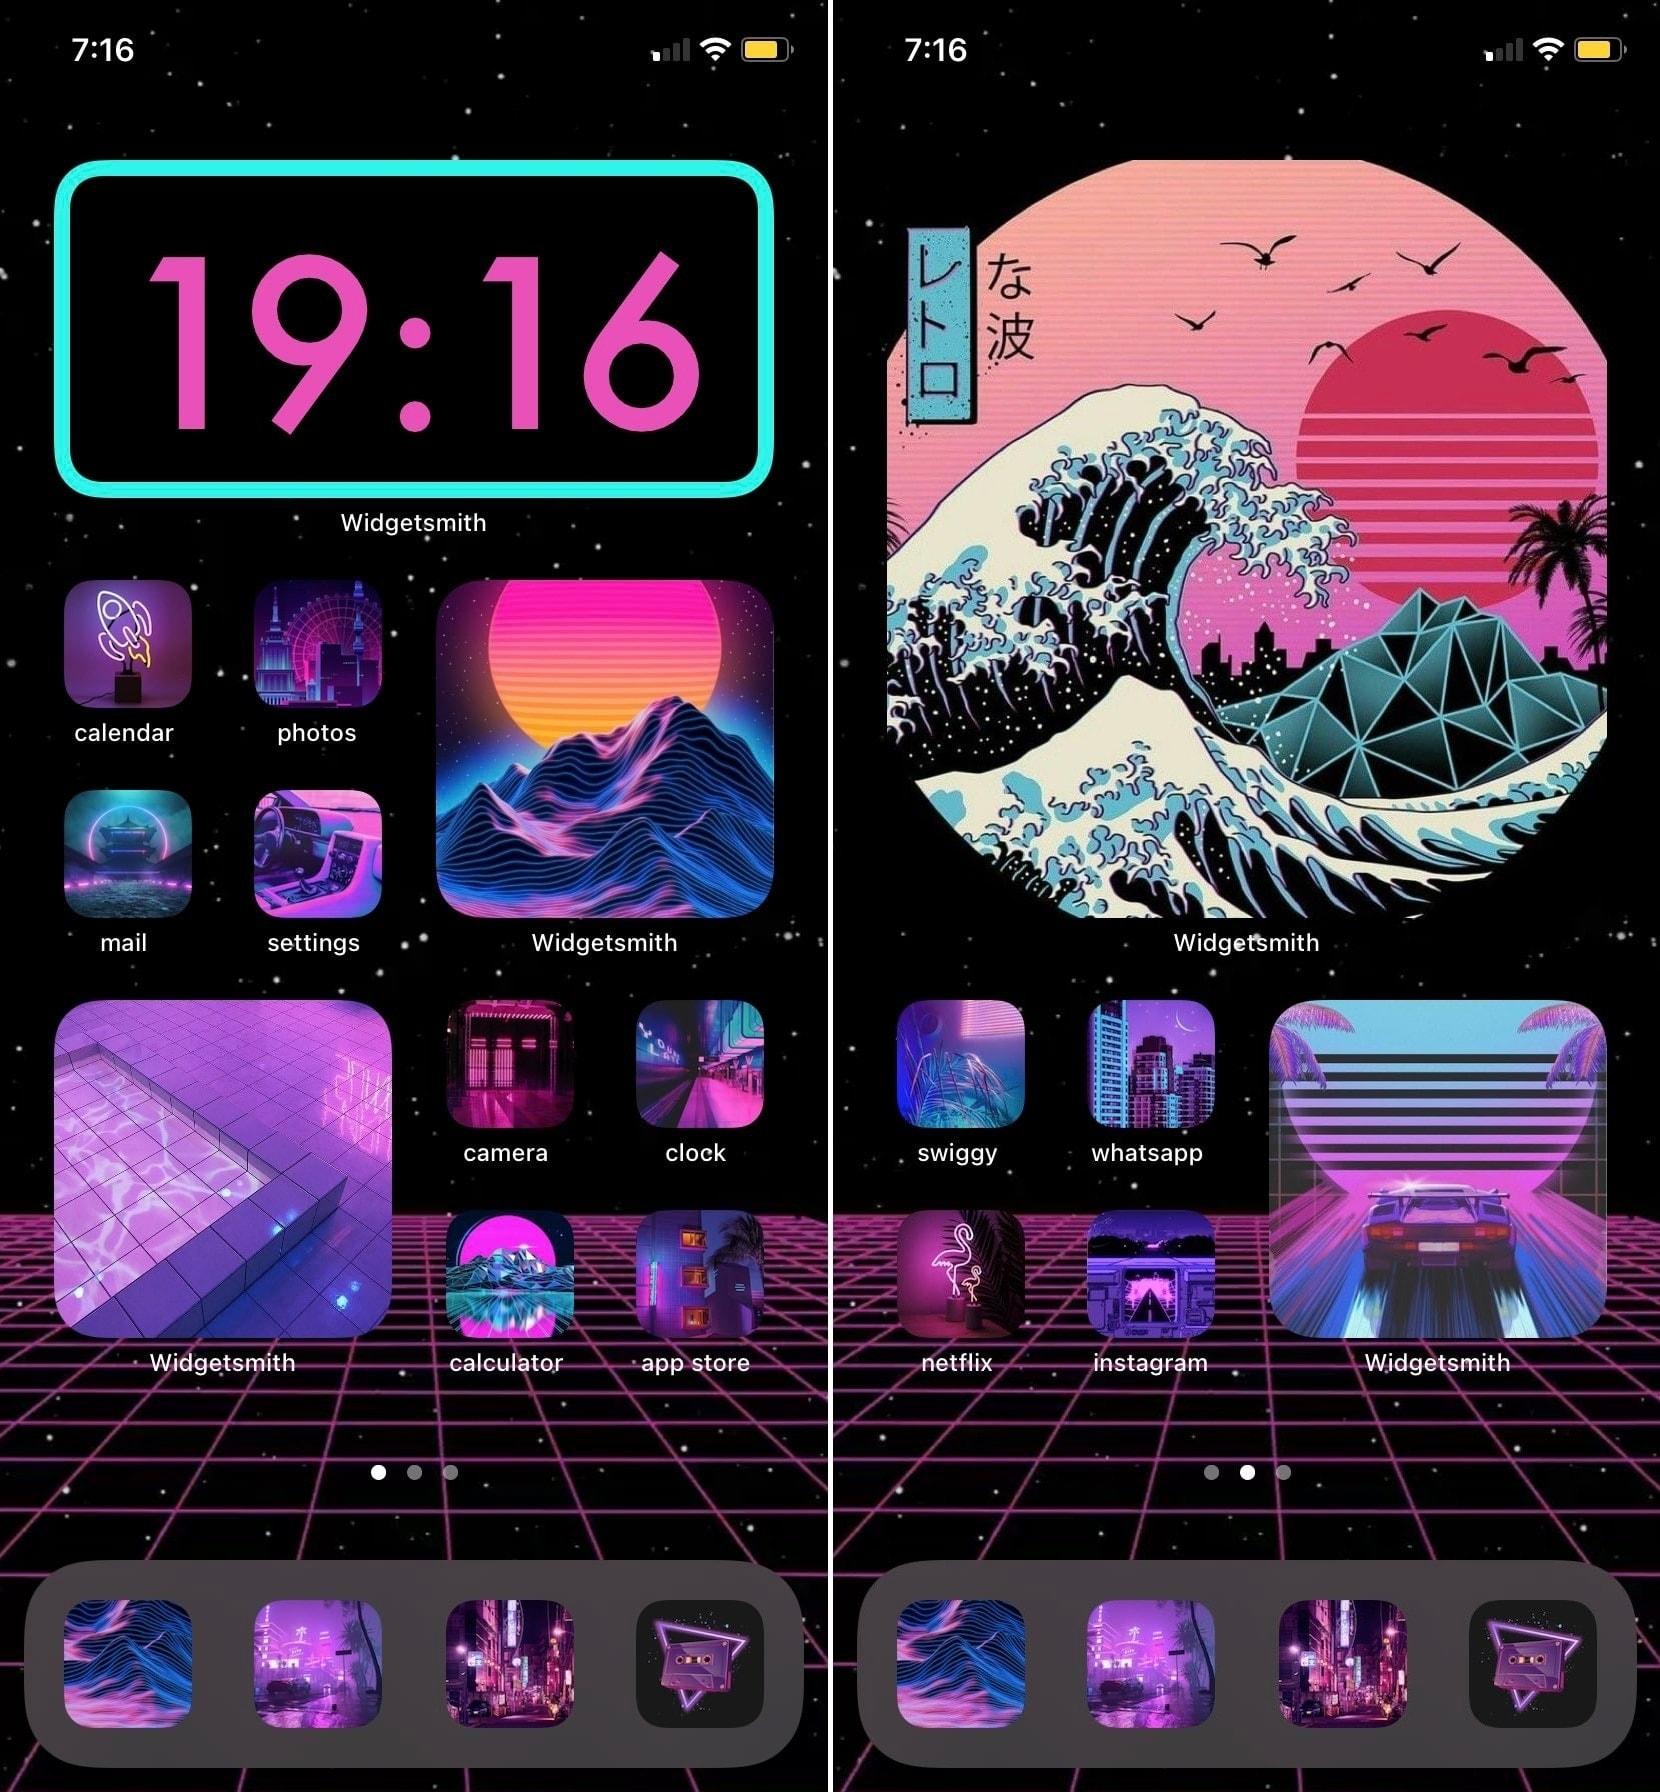 teju2909 iOS 14 Home Screen